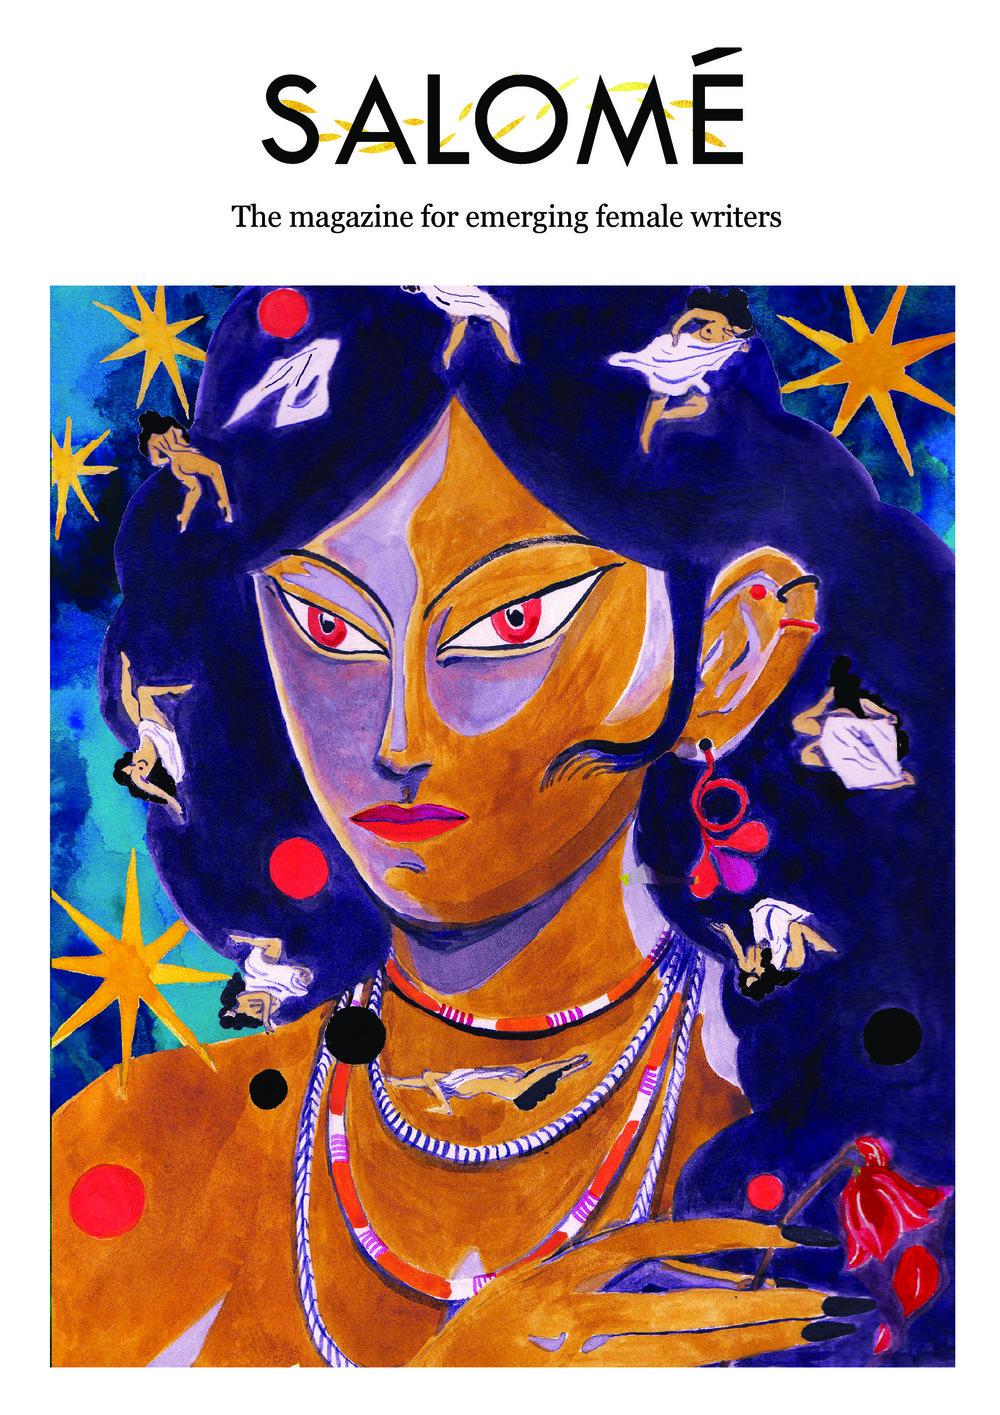 Cover art by Madeline Gobbo